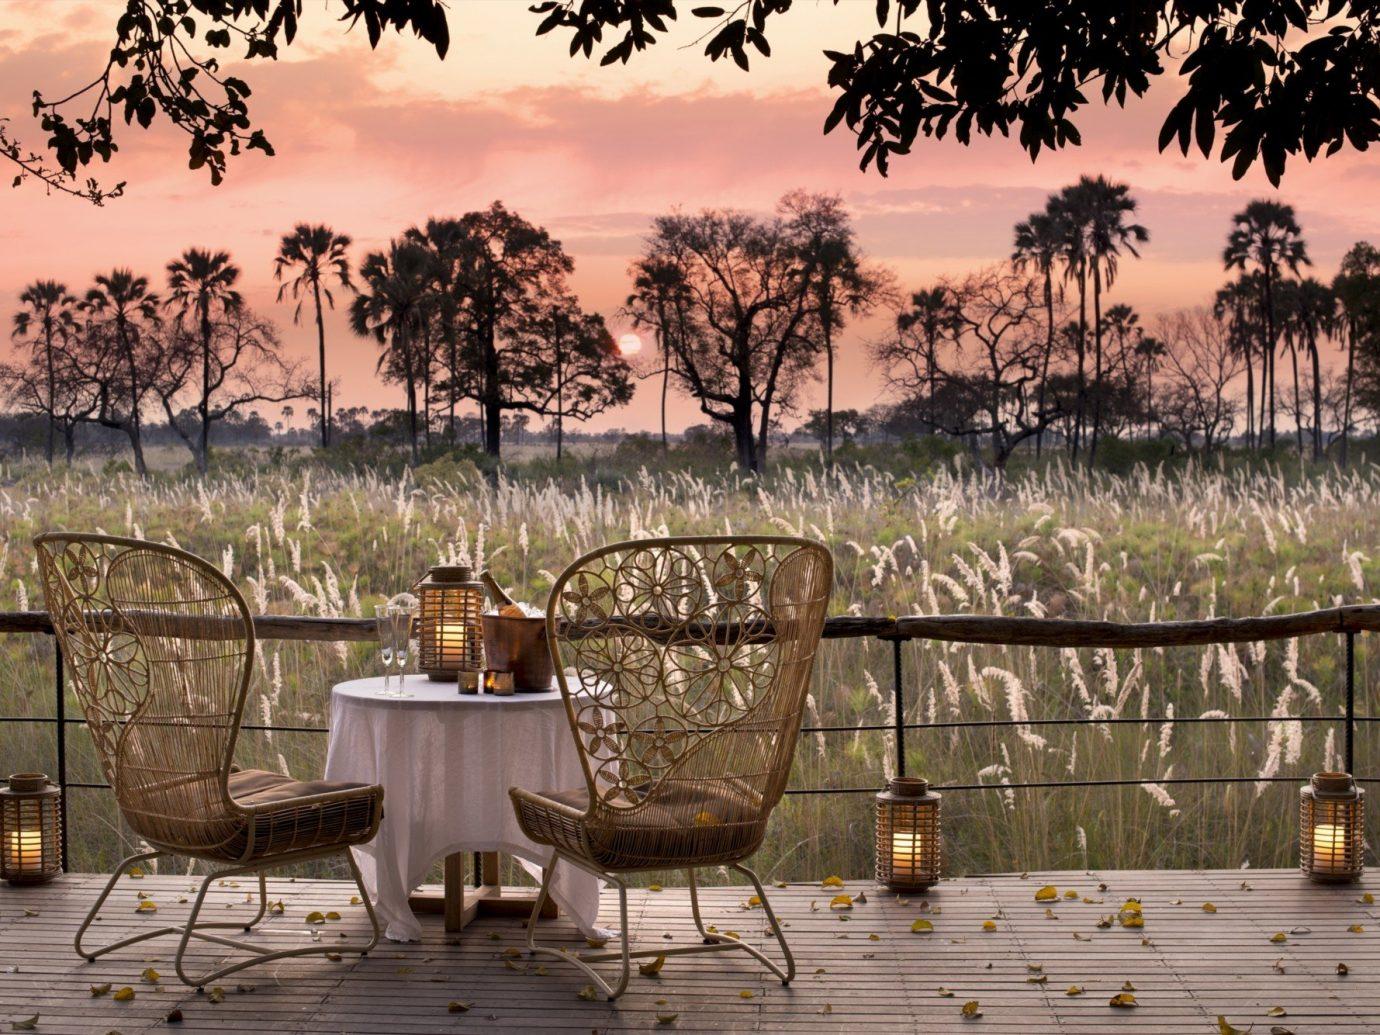 andBeyond Sandibe Okavango Safari Lounge, Botswana